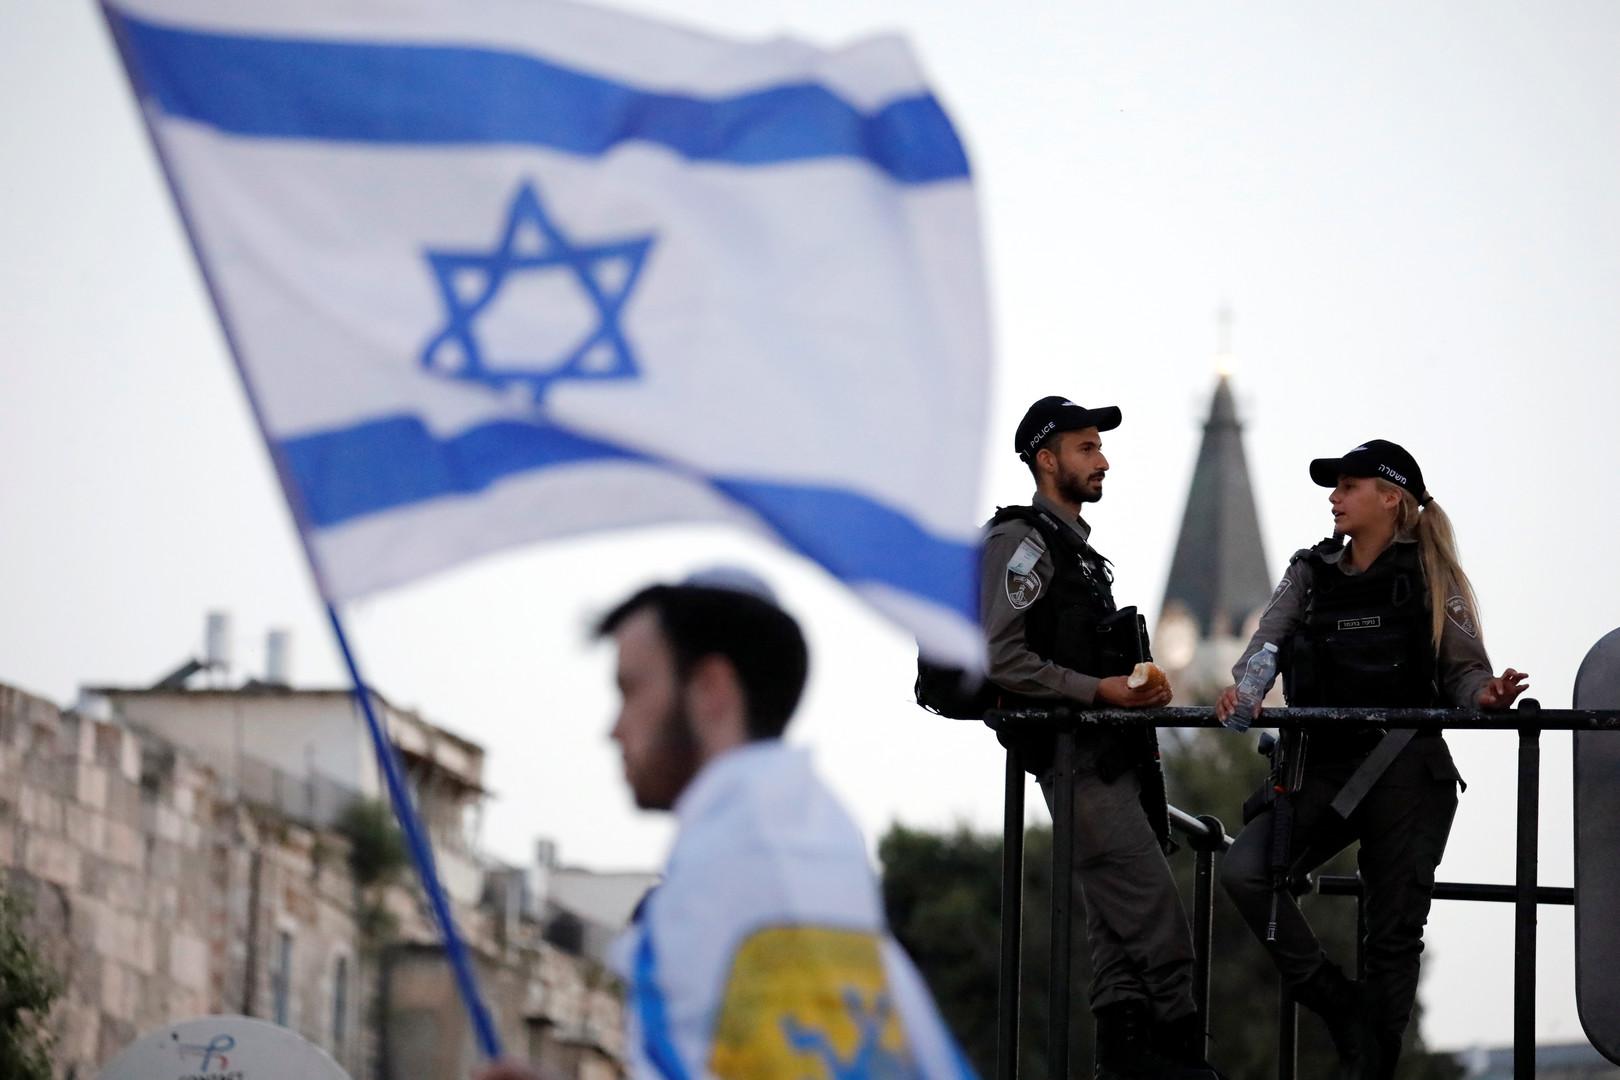 إسرائيل شامير: لا يزال نظام الفصل العنصري قائما في إسرائيل